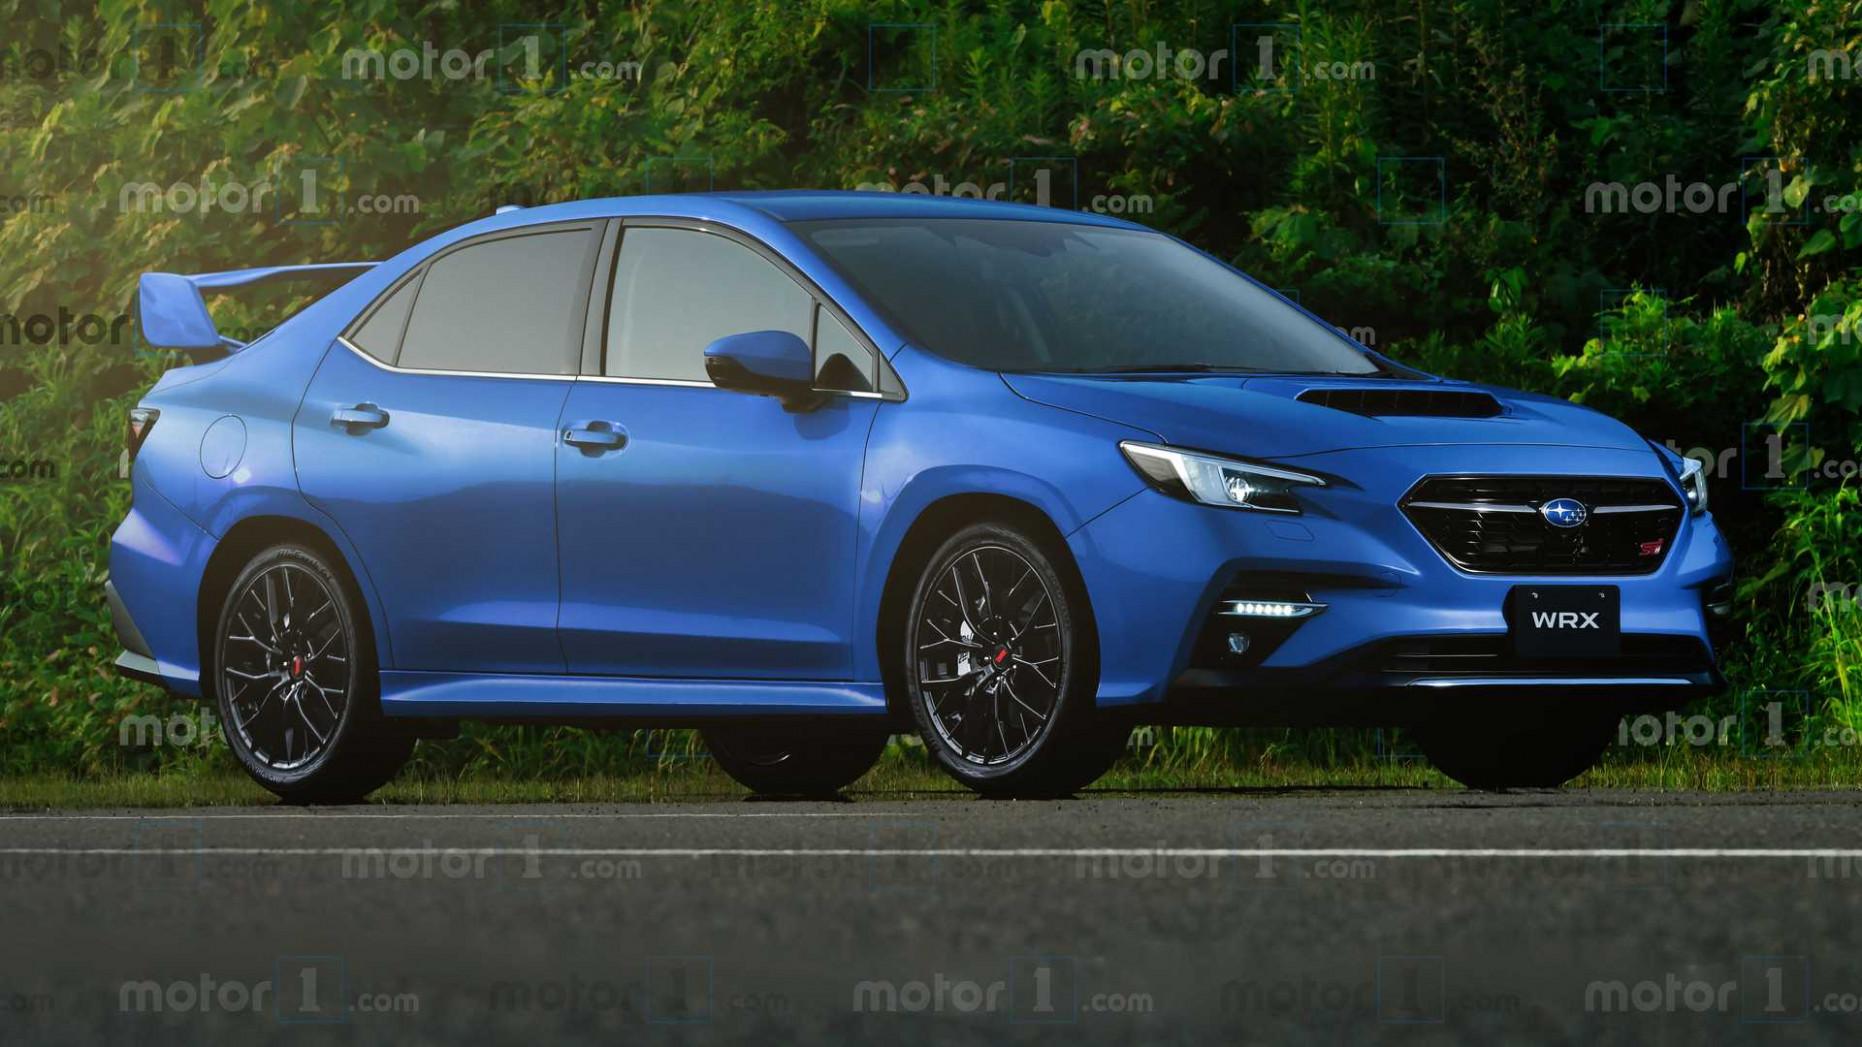 Concept and Review Subaru Wrx Sti 2022